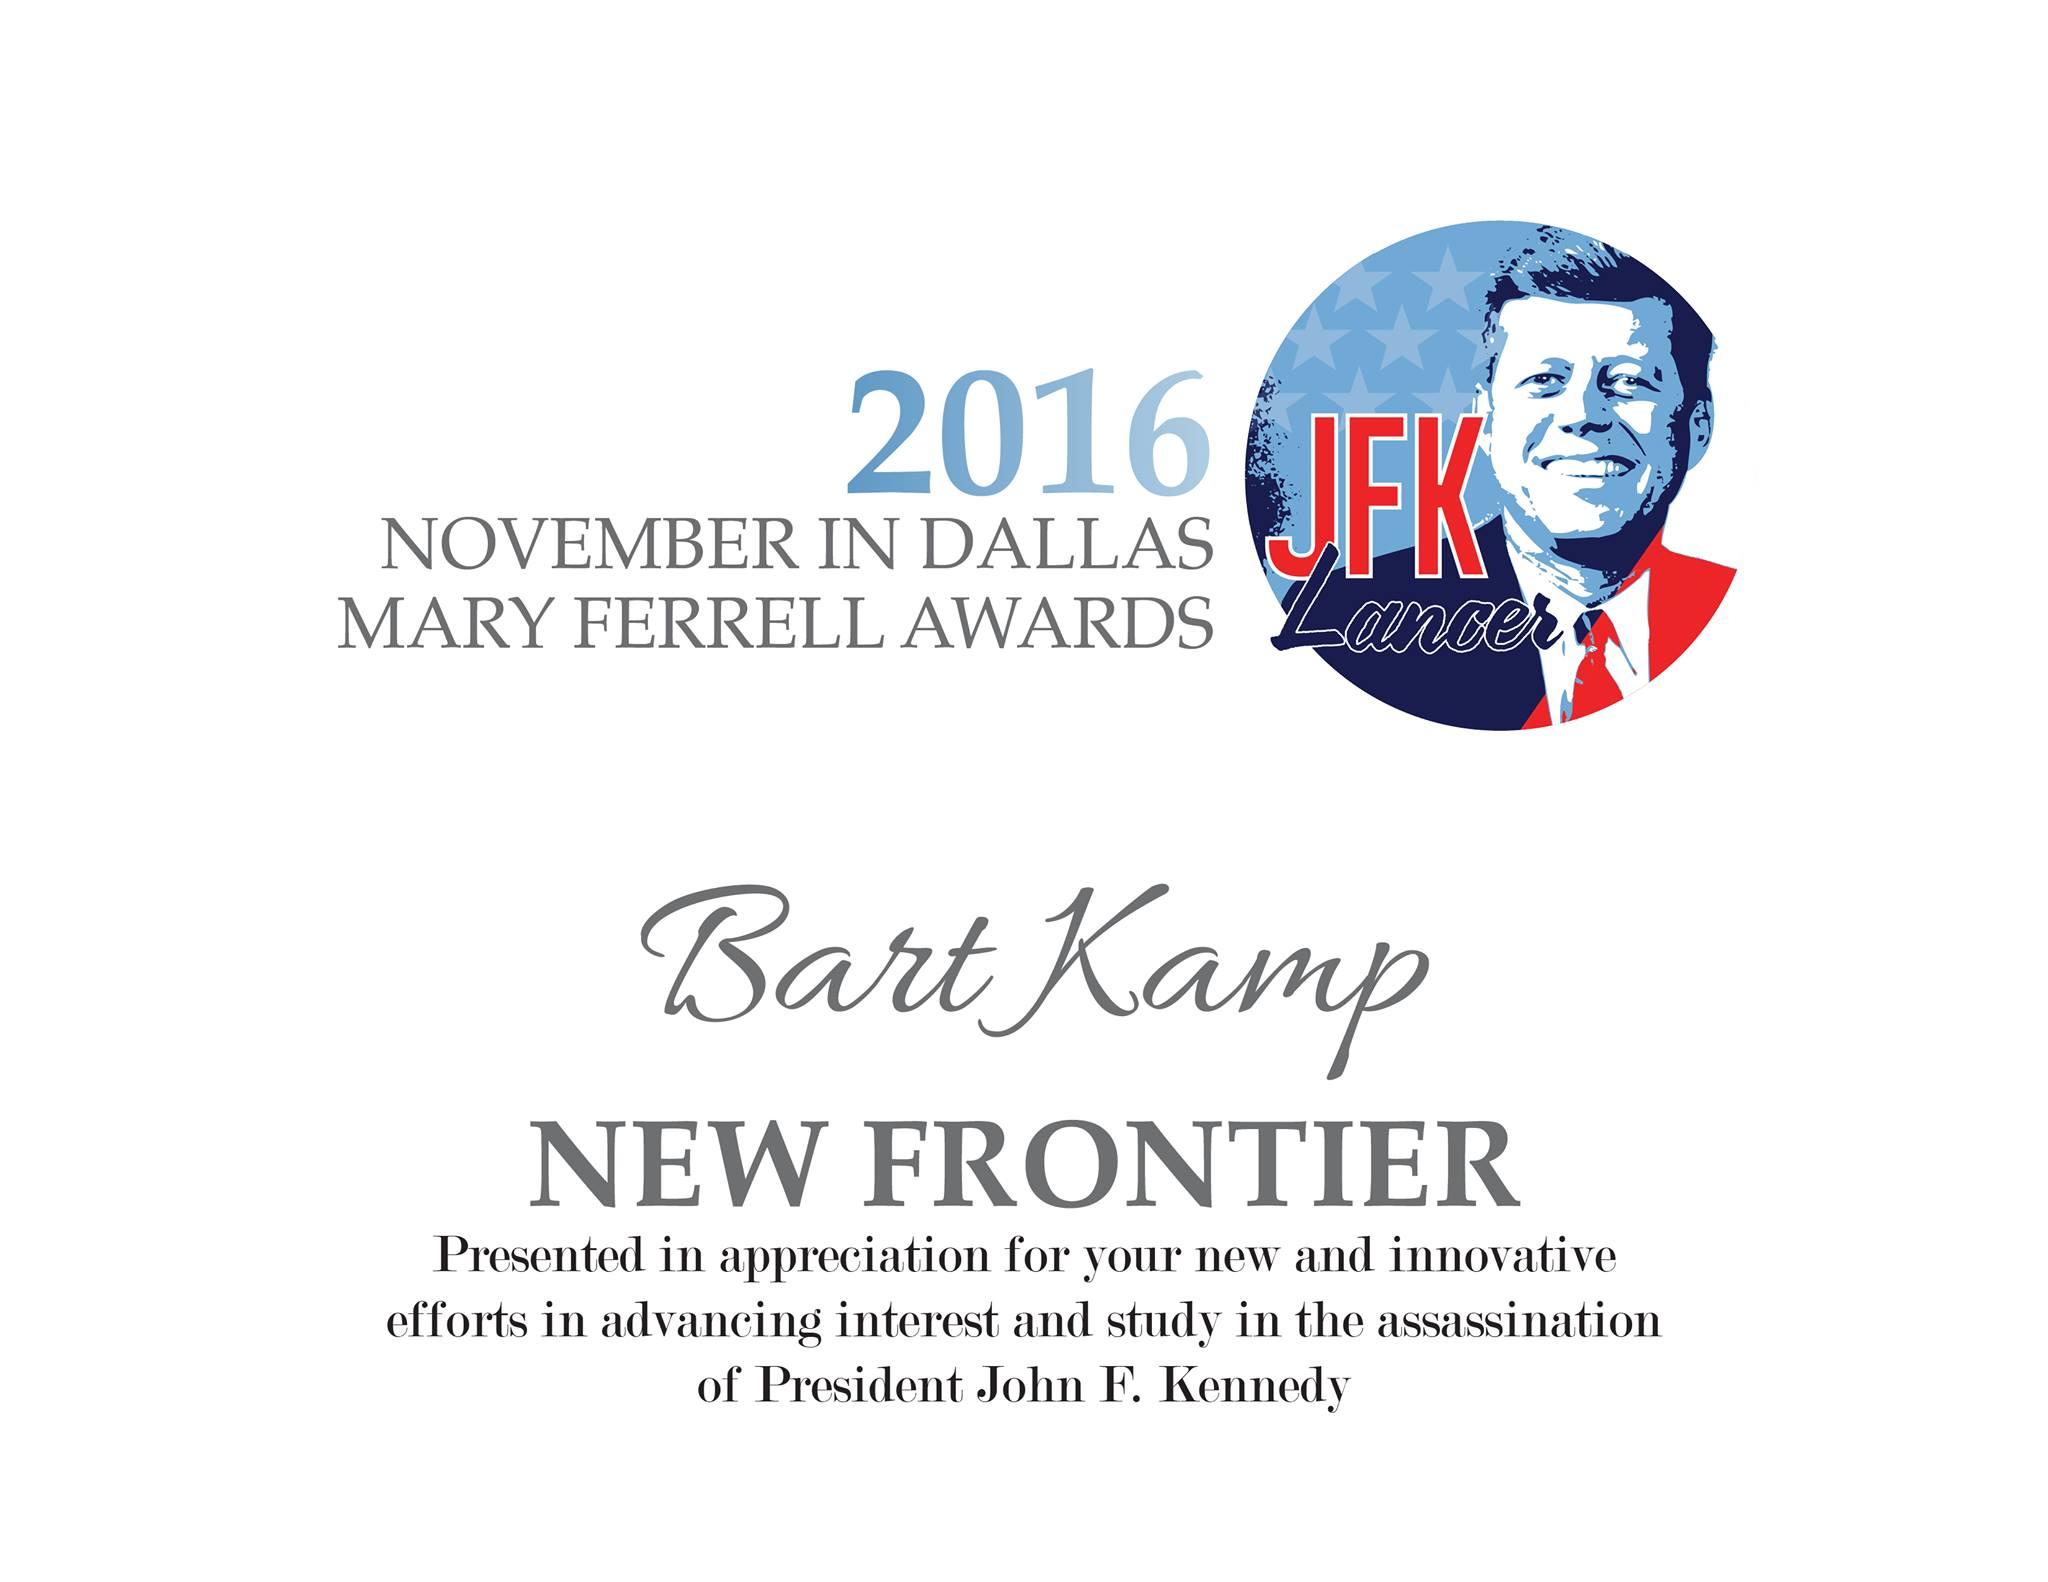 Bart-Kamp-JFK-Lancer-New-Frontier-Award-